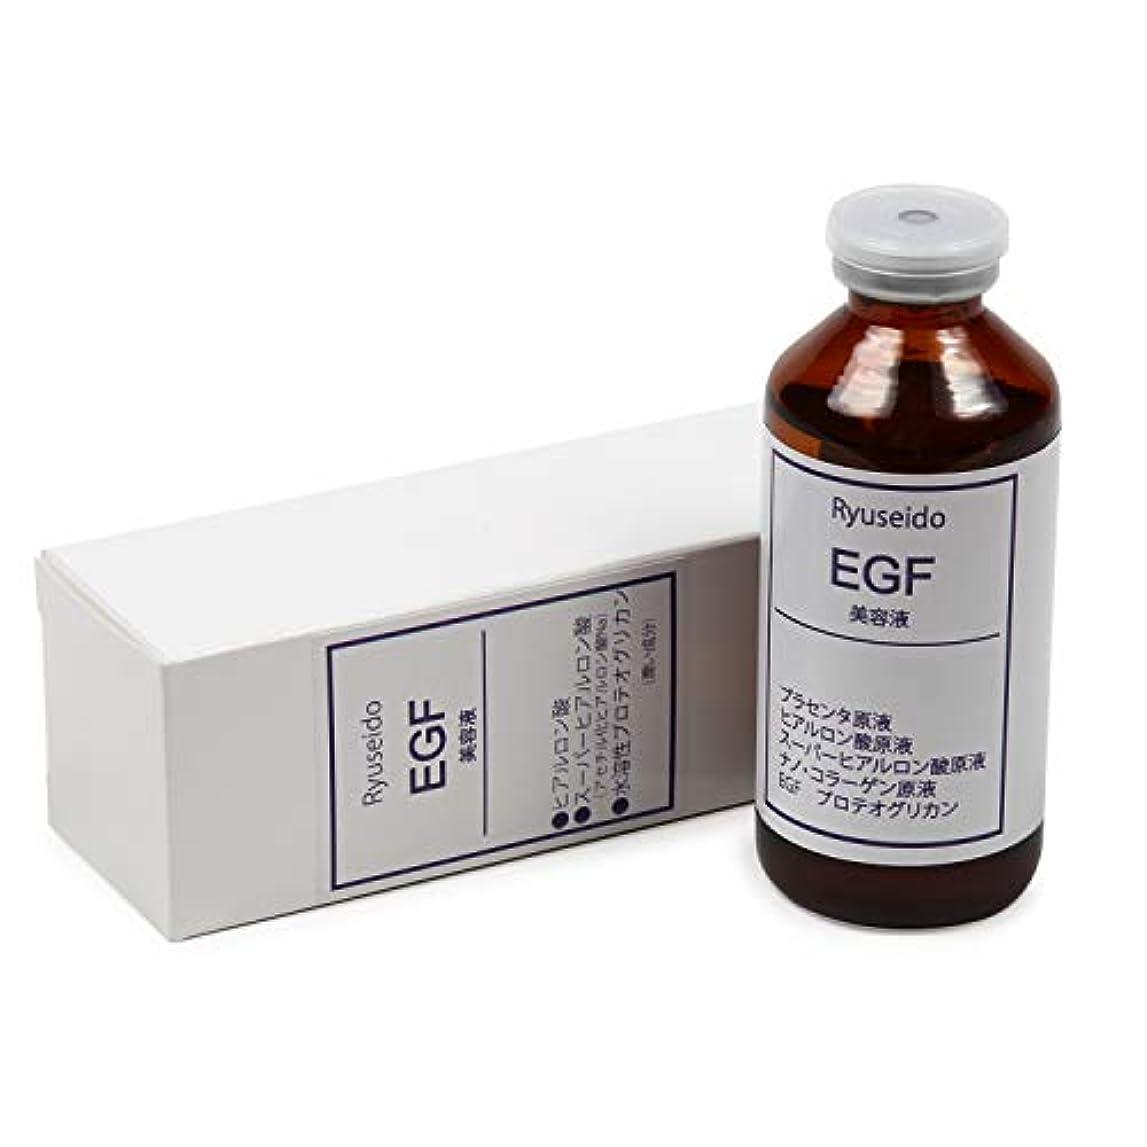 アウター試み酸化物10倍濃度EGFをプラセンタ?ナノコラーゲン?ヒアルロン酸原液に配合。毛穴レスできめ細かなクリアな肌に??生コラーゲン配合でキメ密度がさらにアップ。